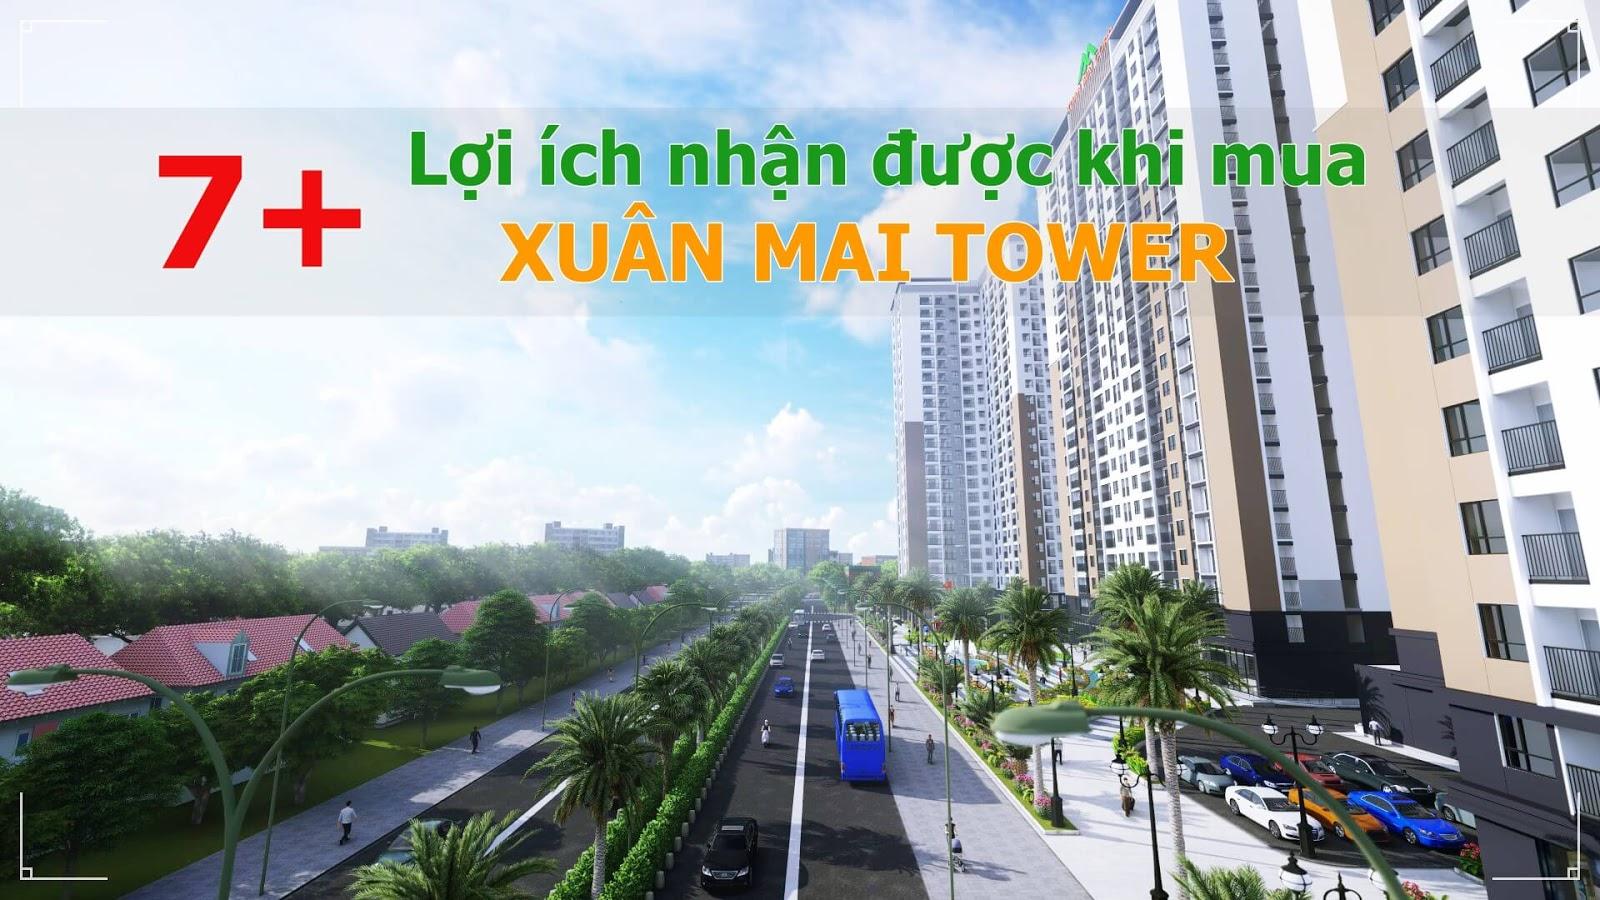 Xuân Mai Tower sở hữu hạ tầng giao thông đồng bộ